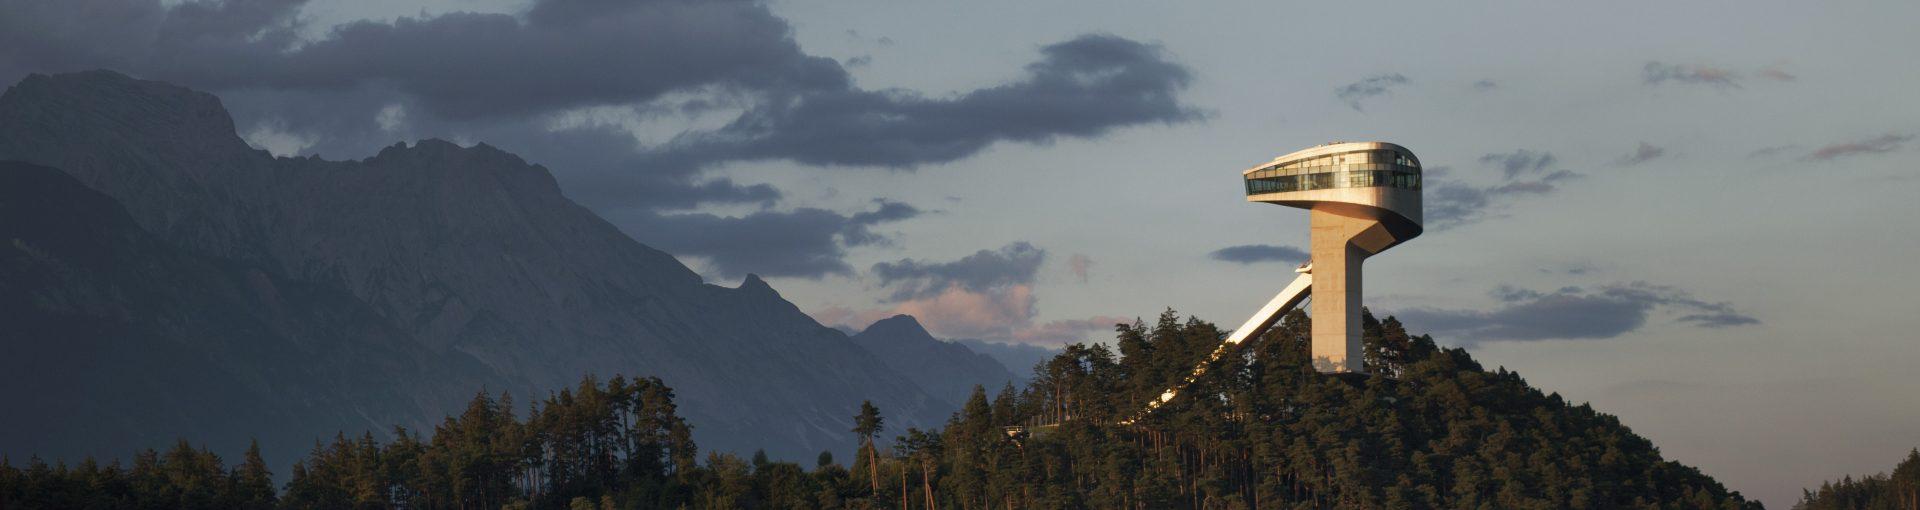 Bergisel, Innsbruck ©Tirol Werbung-Kathrein Verena